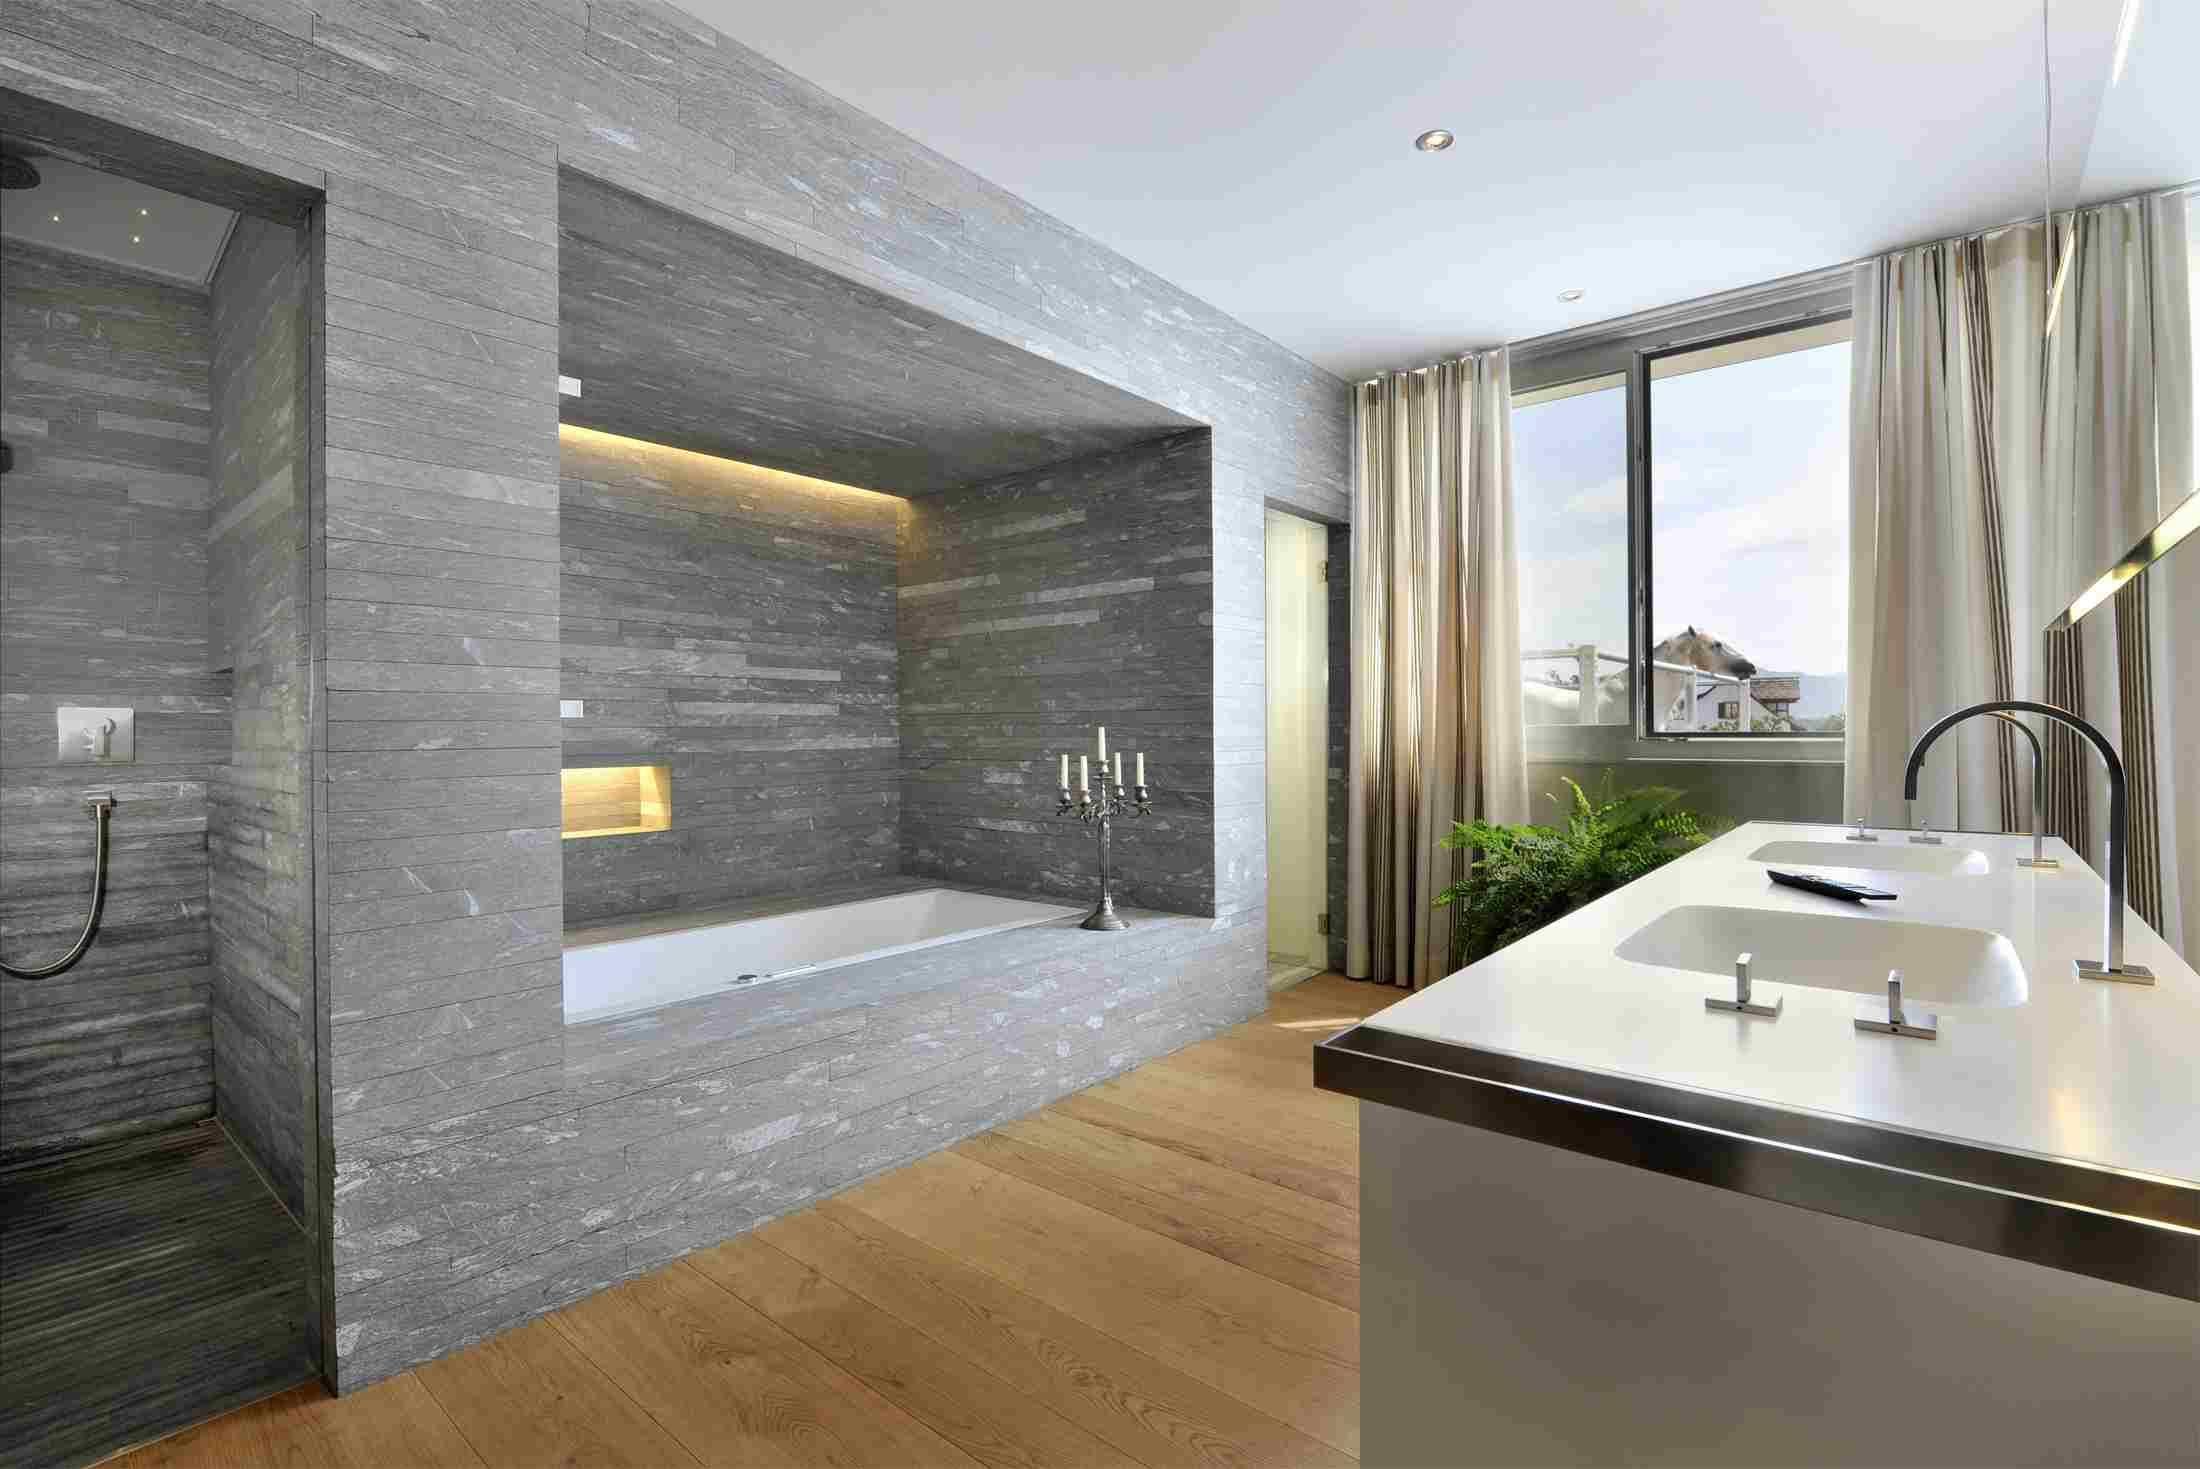 salle de bain pierre gris baignoire déco bougies parquet bois évier moderne